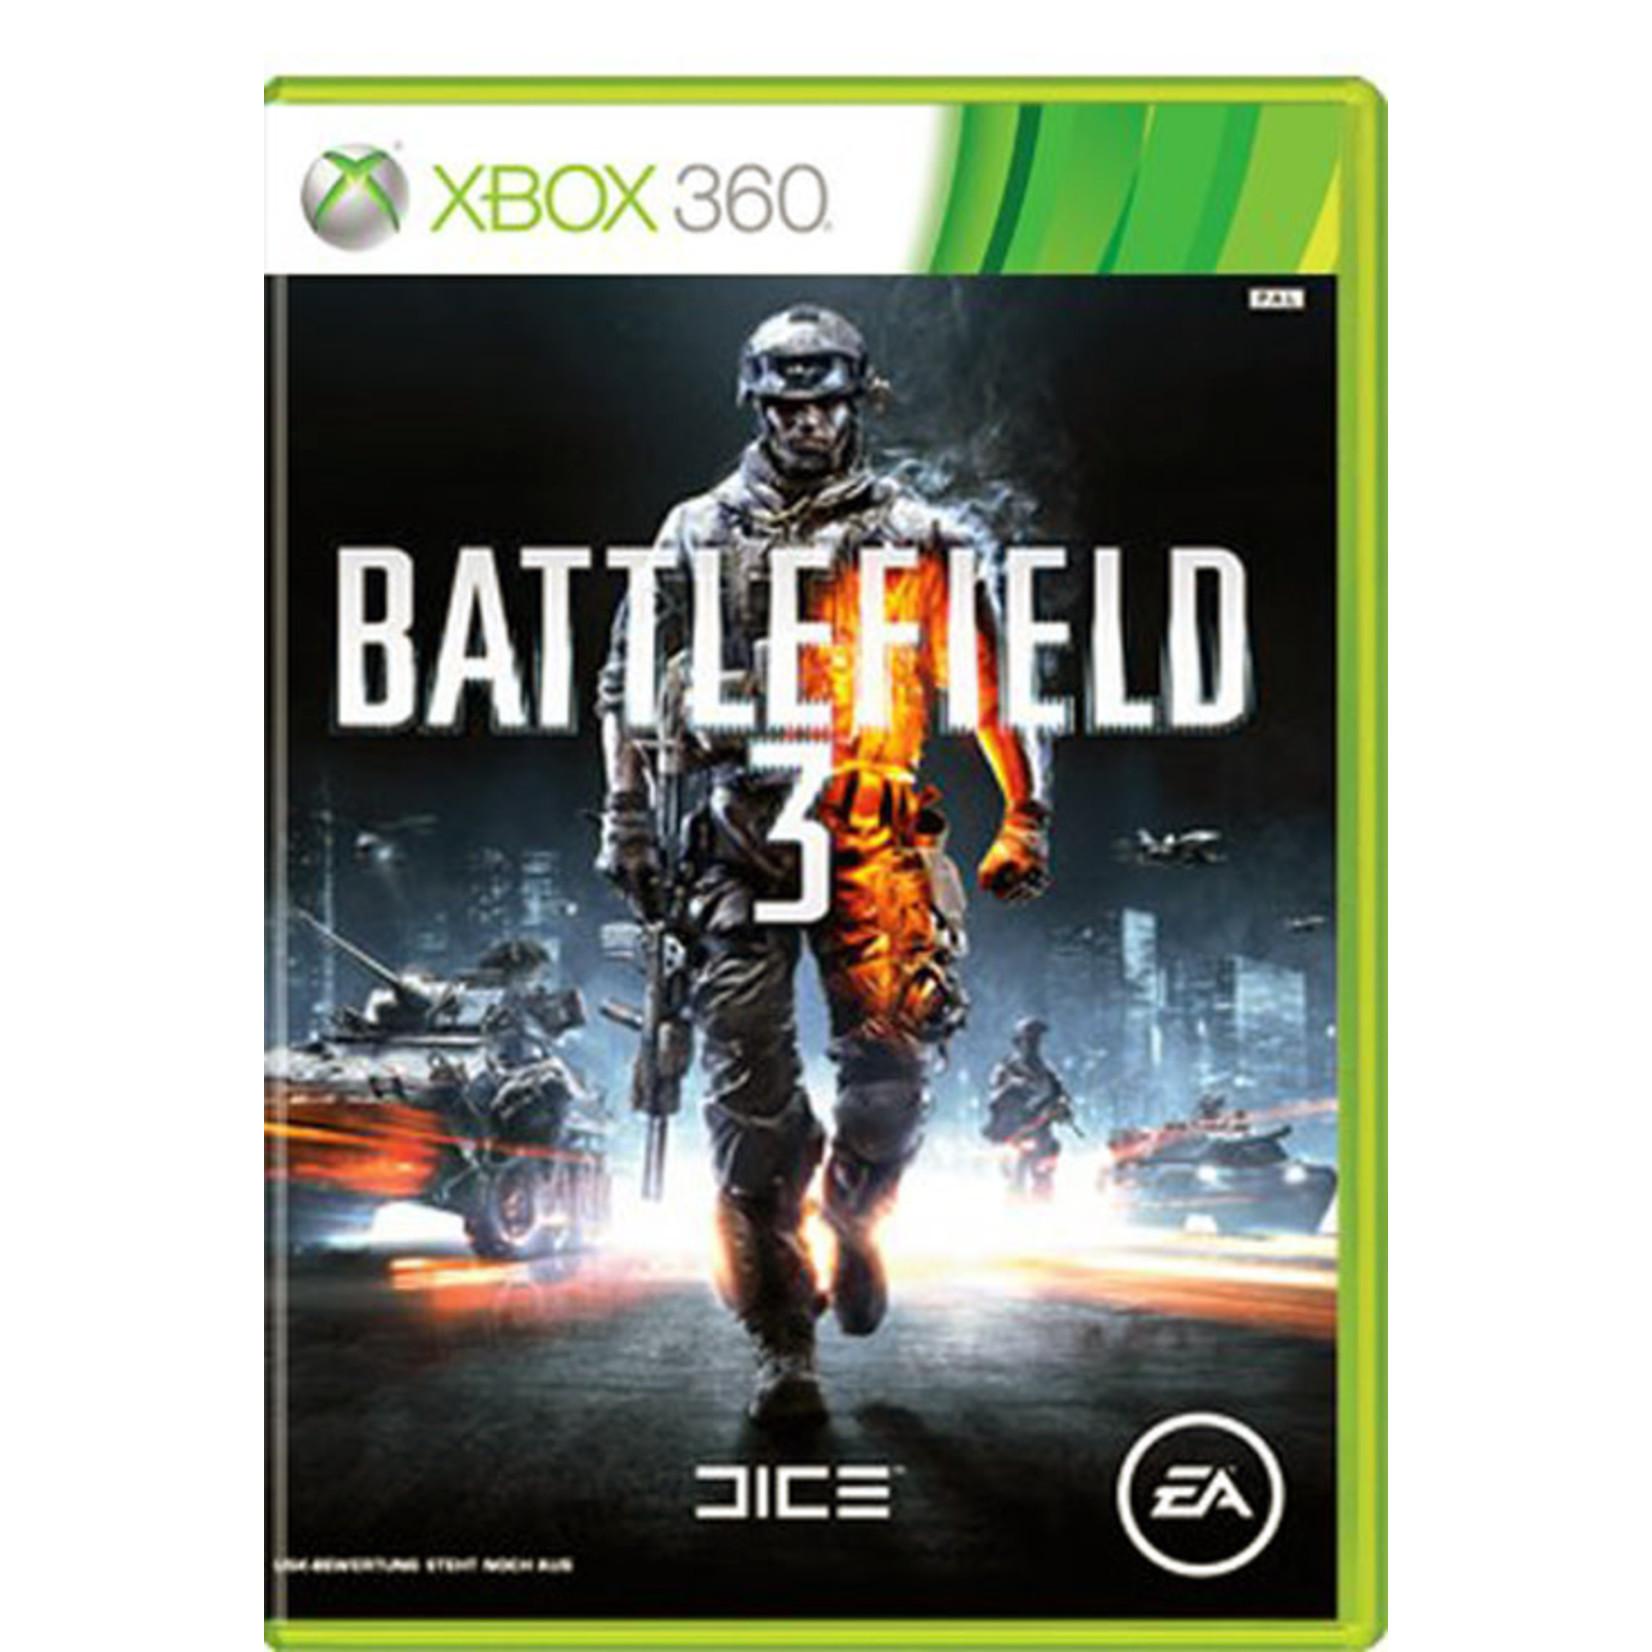 X3U-Battlefield 3